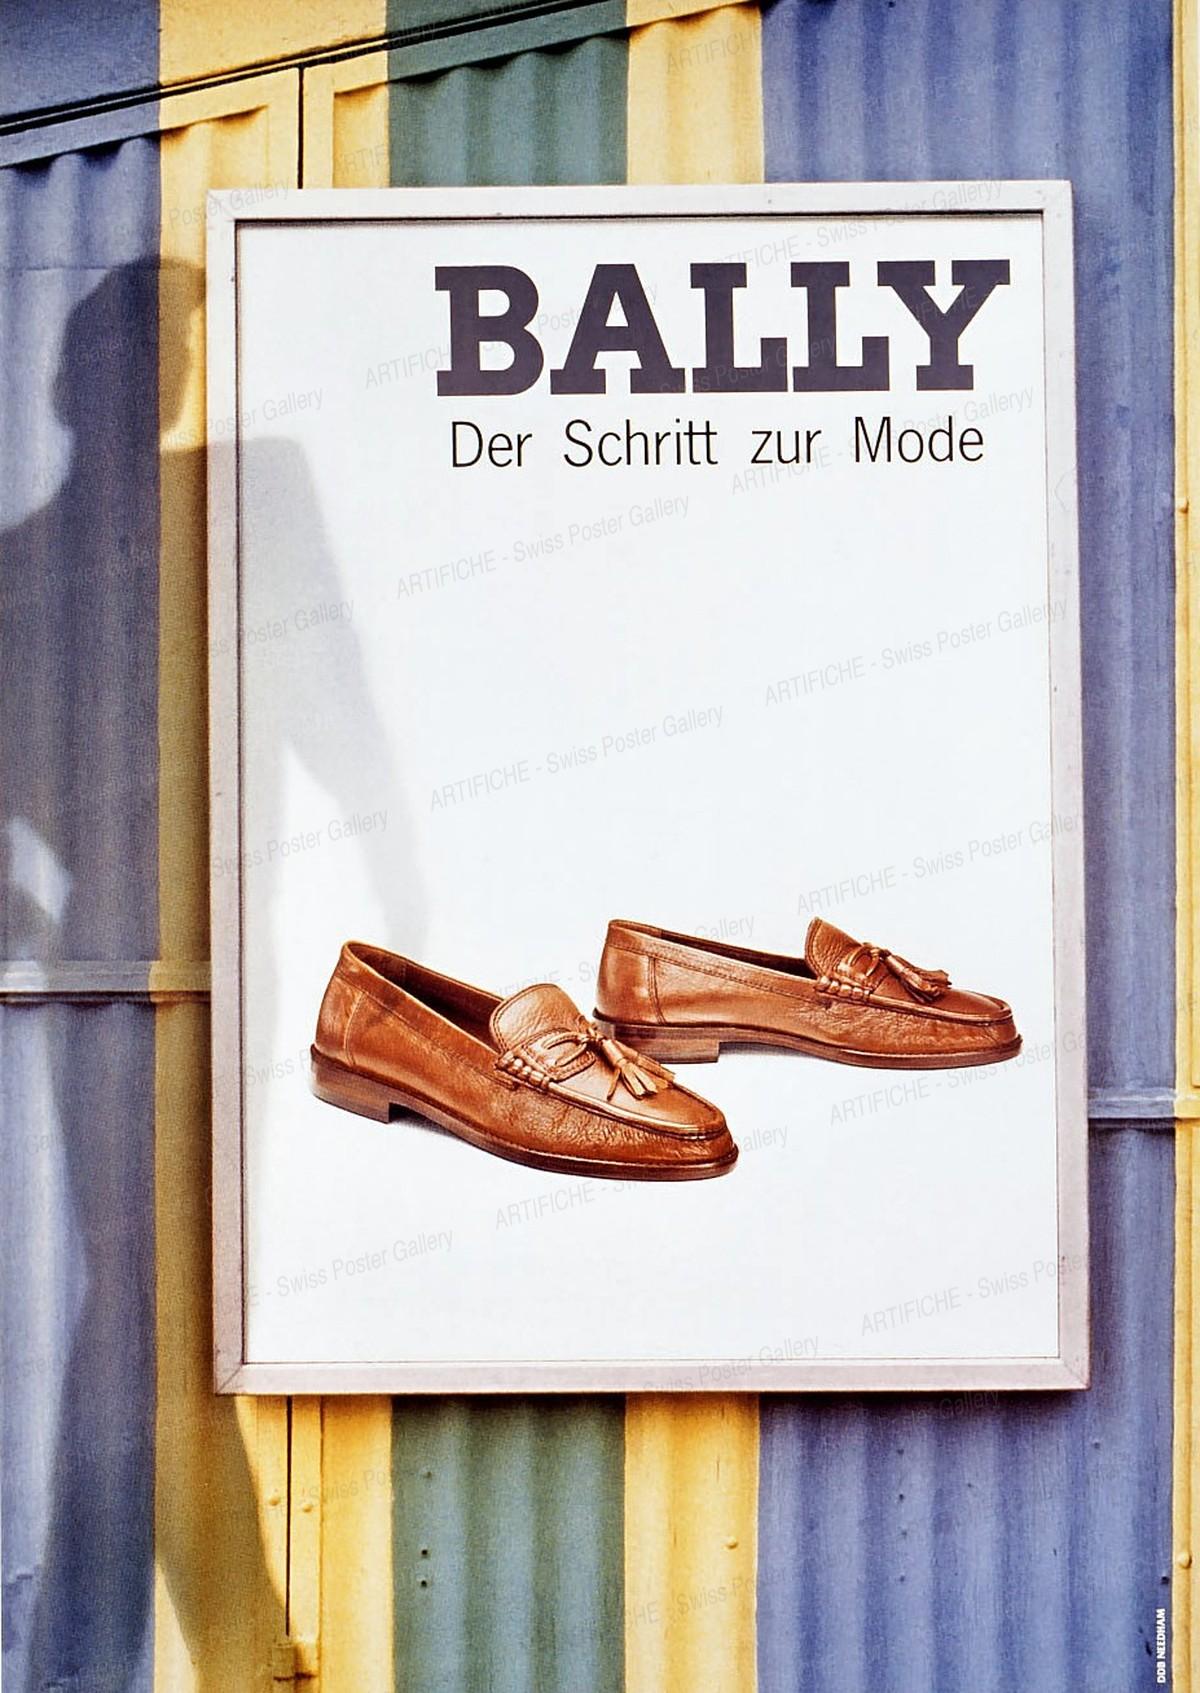 BALLY – Der Schritt zur Mode, DDB Doyle Dane Bernbach